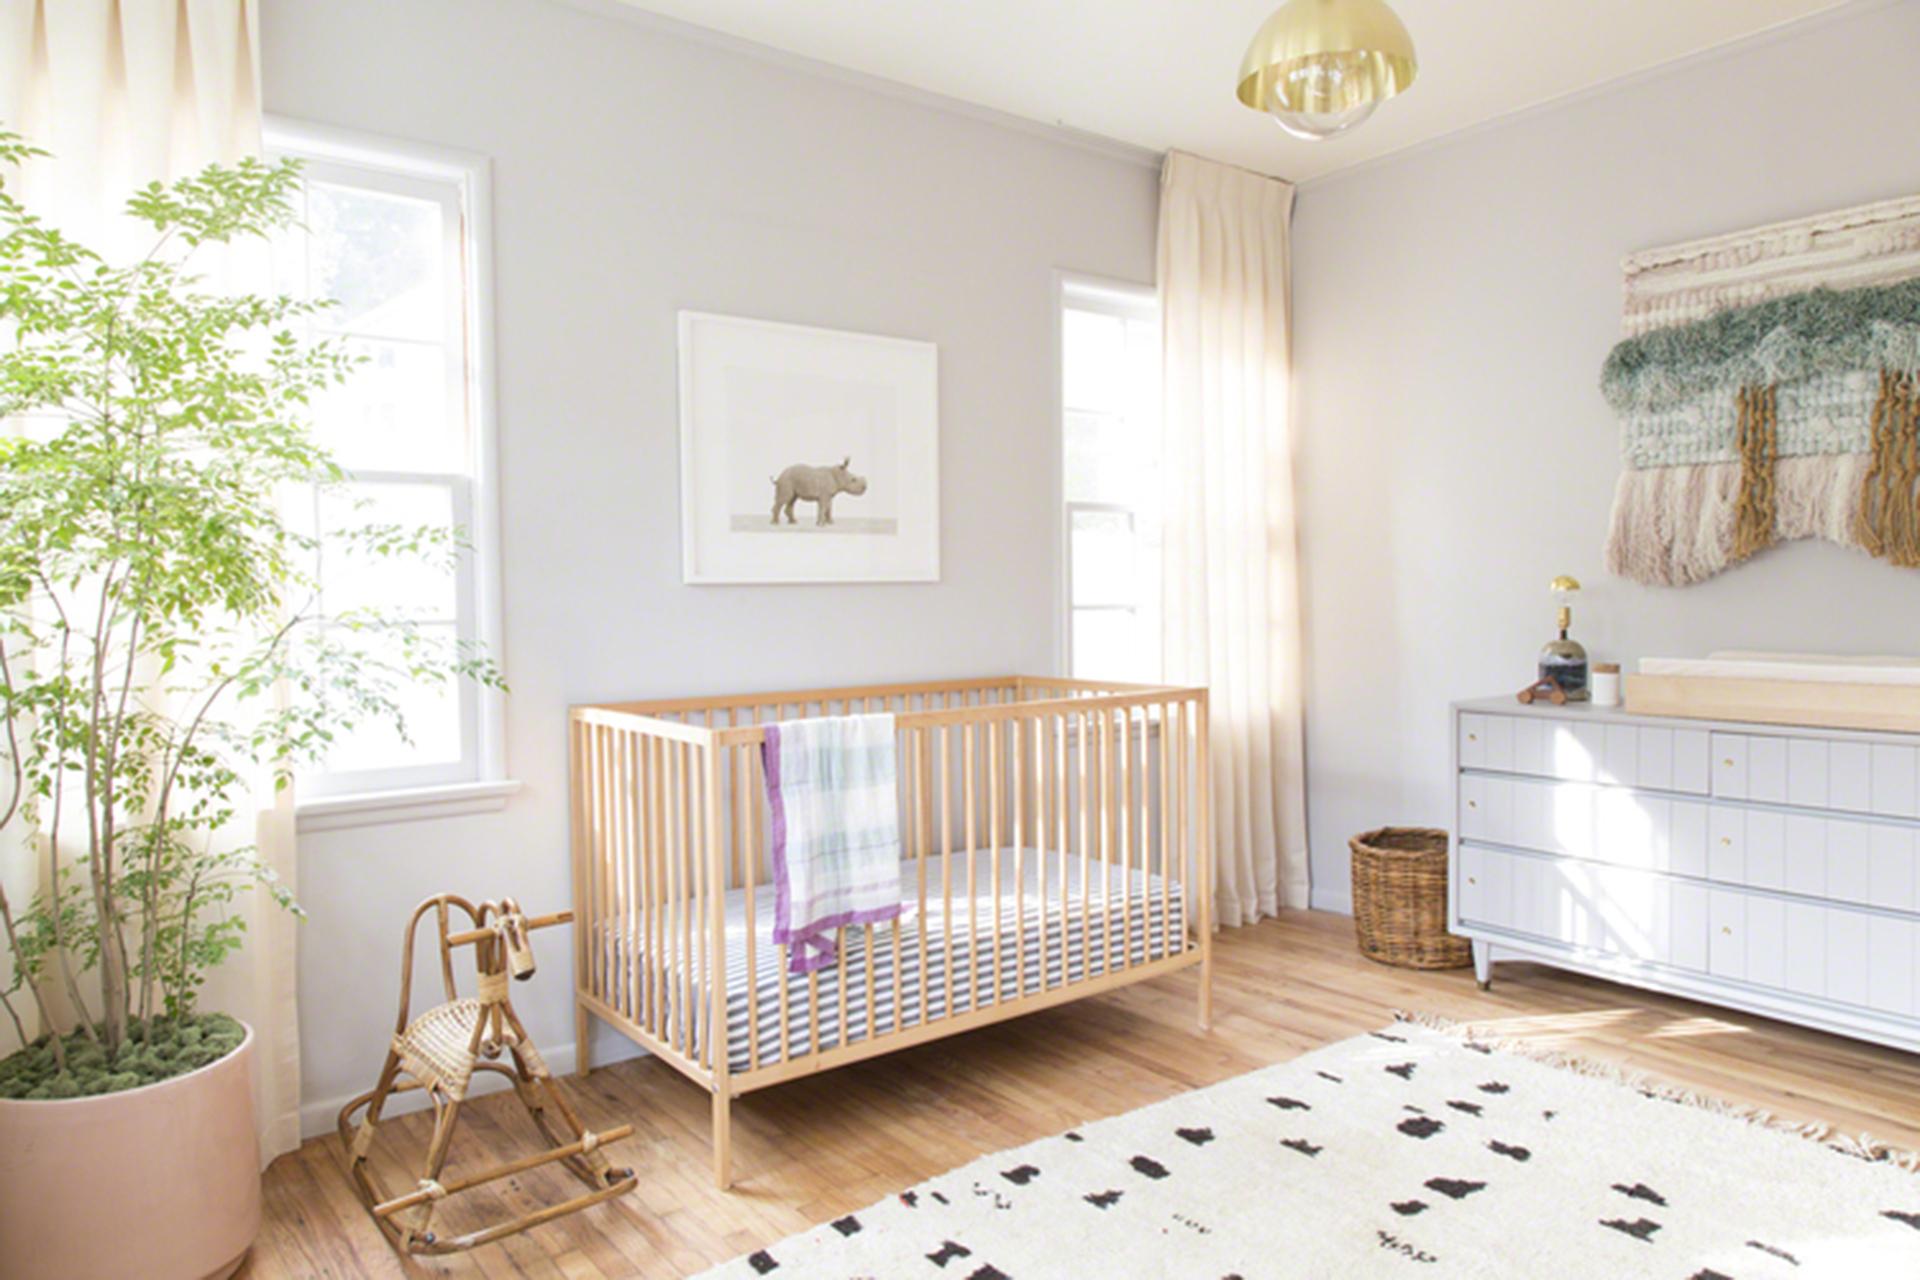 6 Recomendaciones Para Decorar La Habitaci N Del Beb Sonia Masip ~ Como Decorar La Habitacion Del Bebe